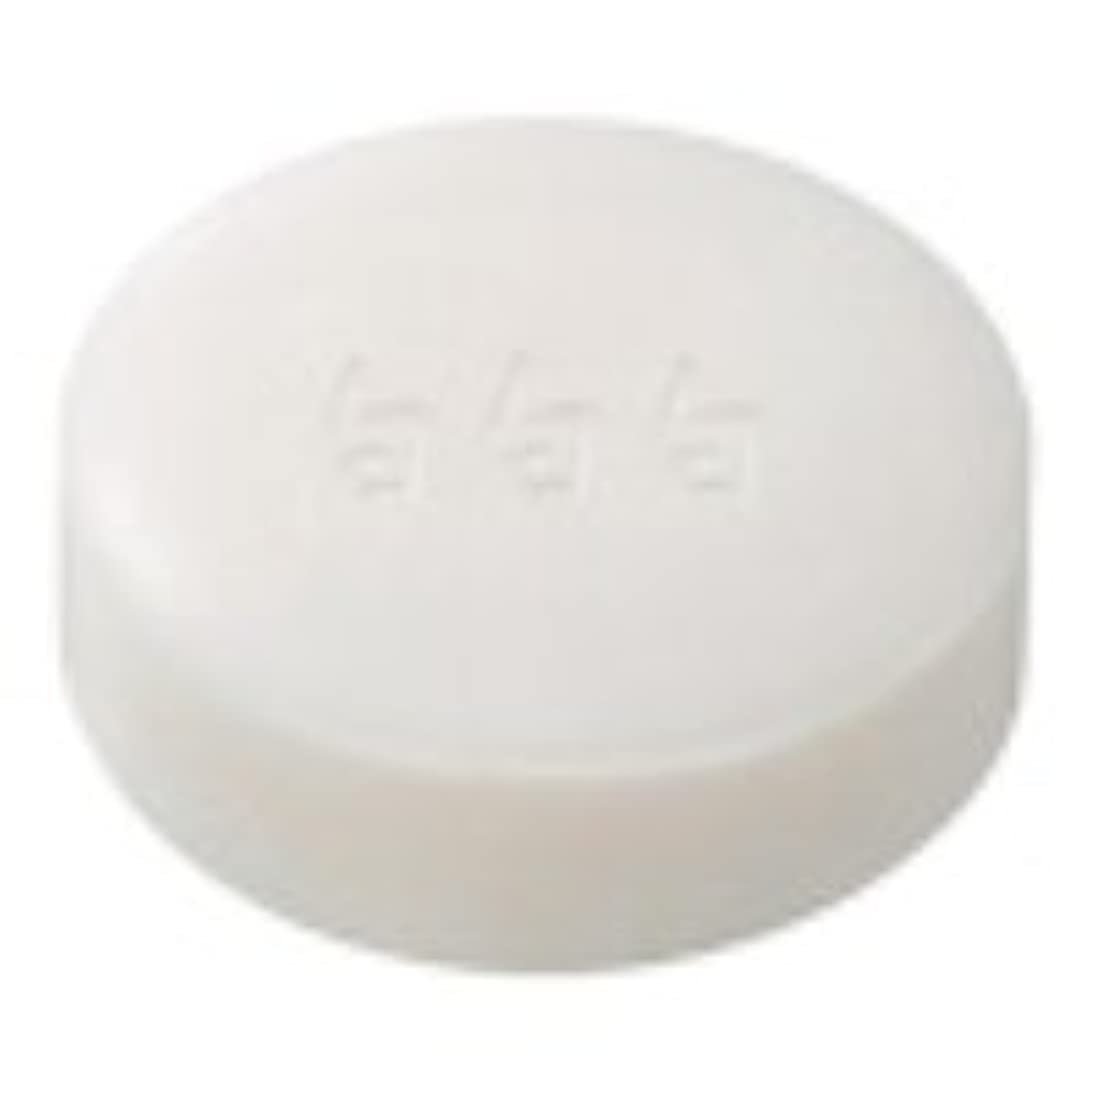 ドキドキ合意個人的に白白白ホワイトクリアソープ 90g